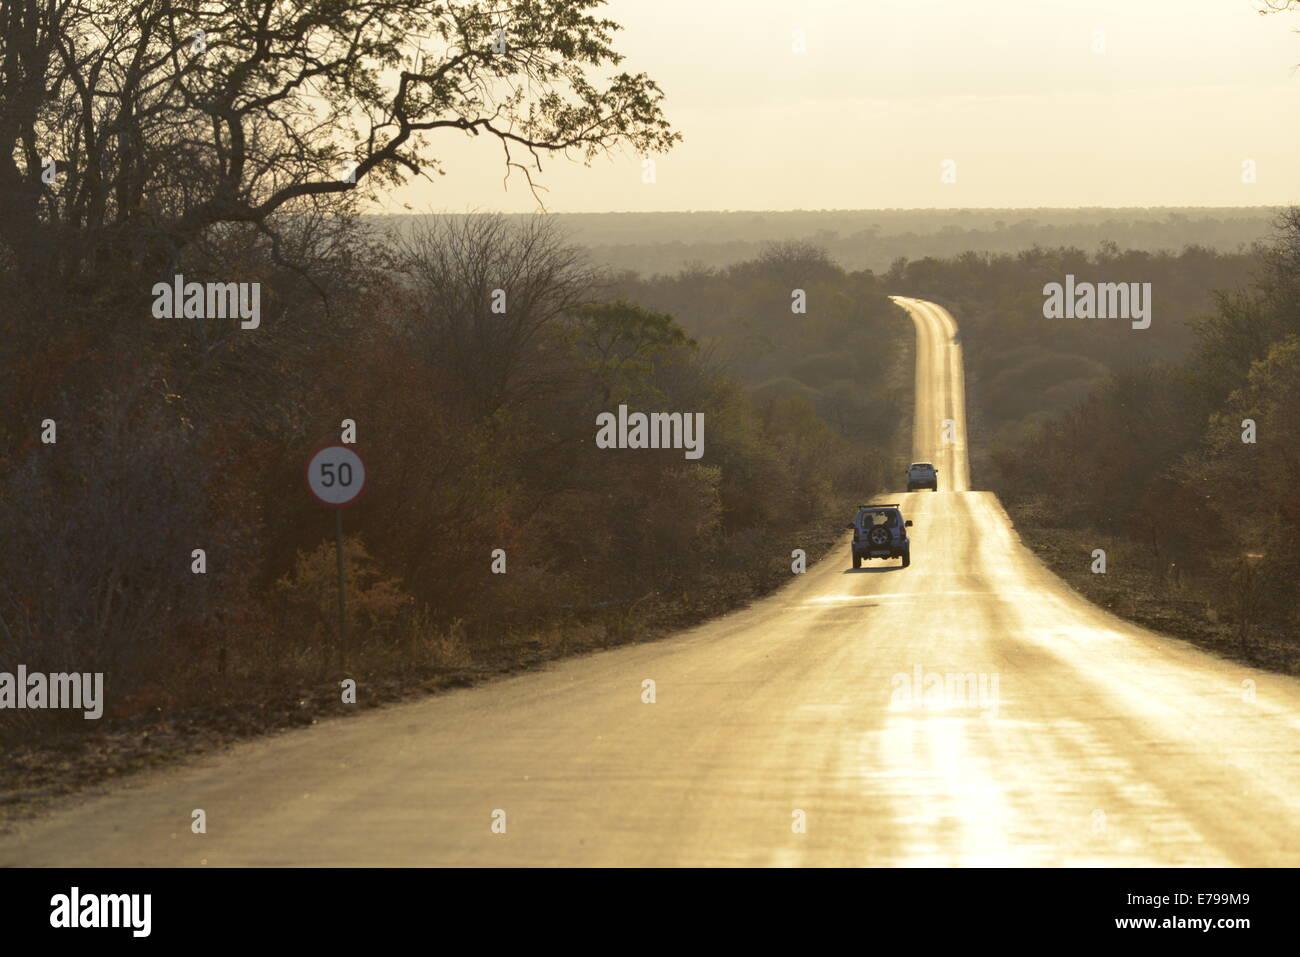 La visione di gioco sulla lunga strada tortuosa al tramonto, il Parco Nazionale Kruger, Sud Africa Immagini Stock